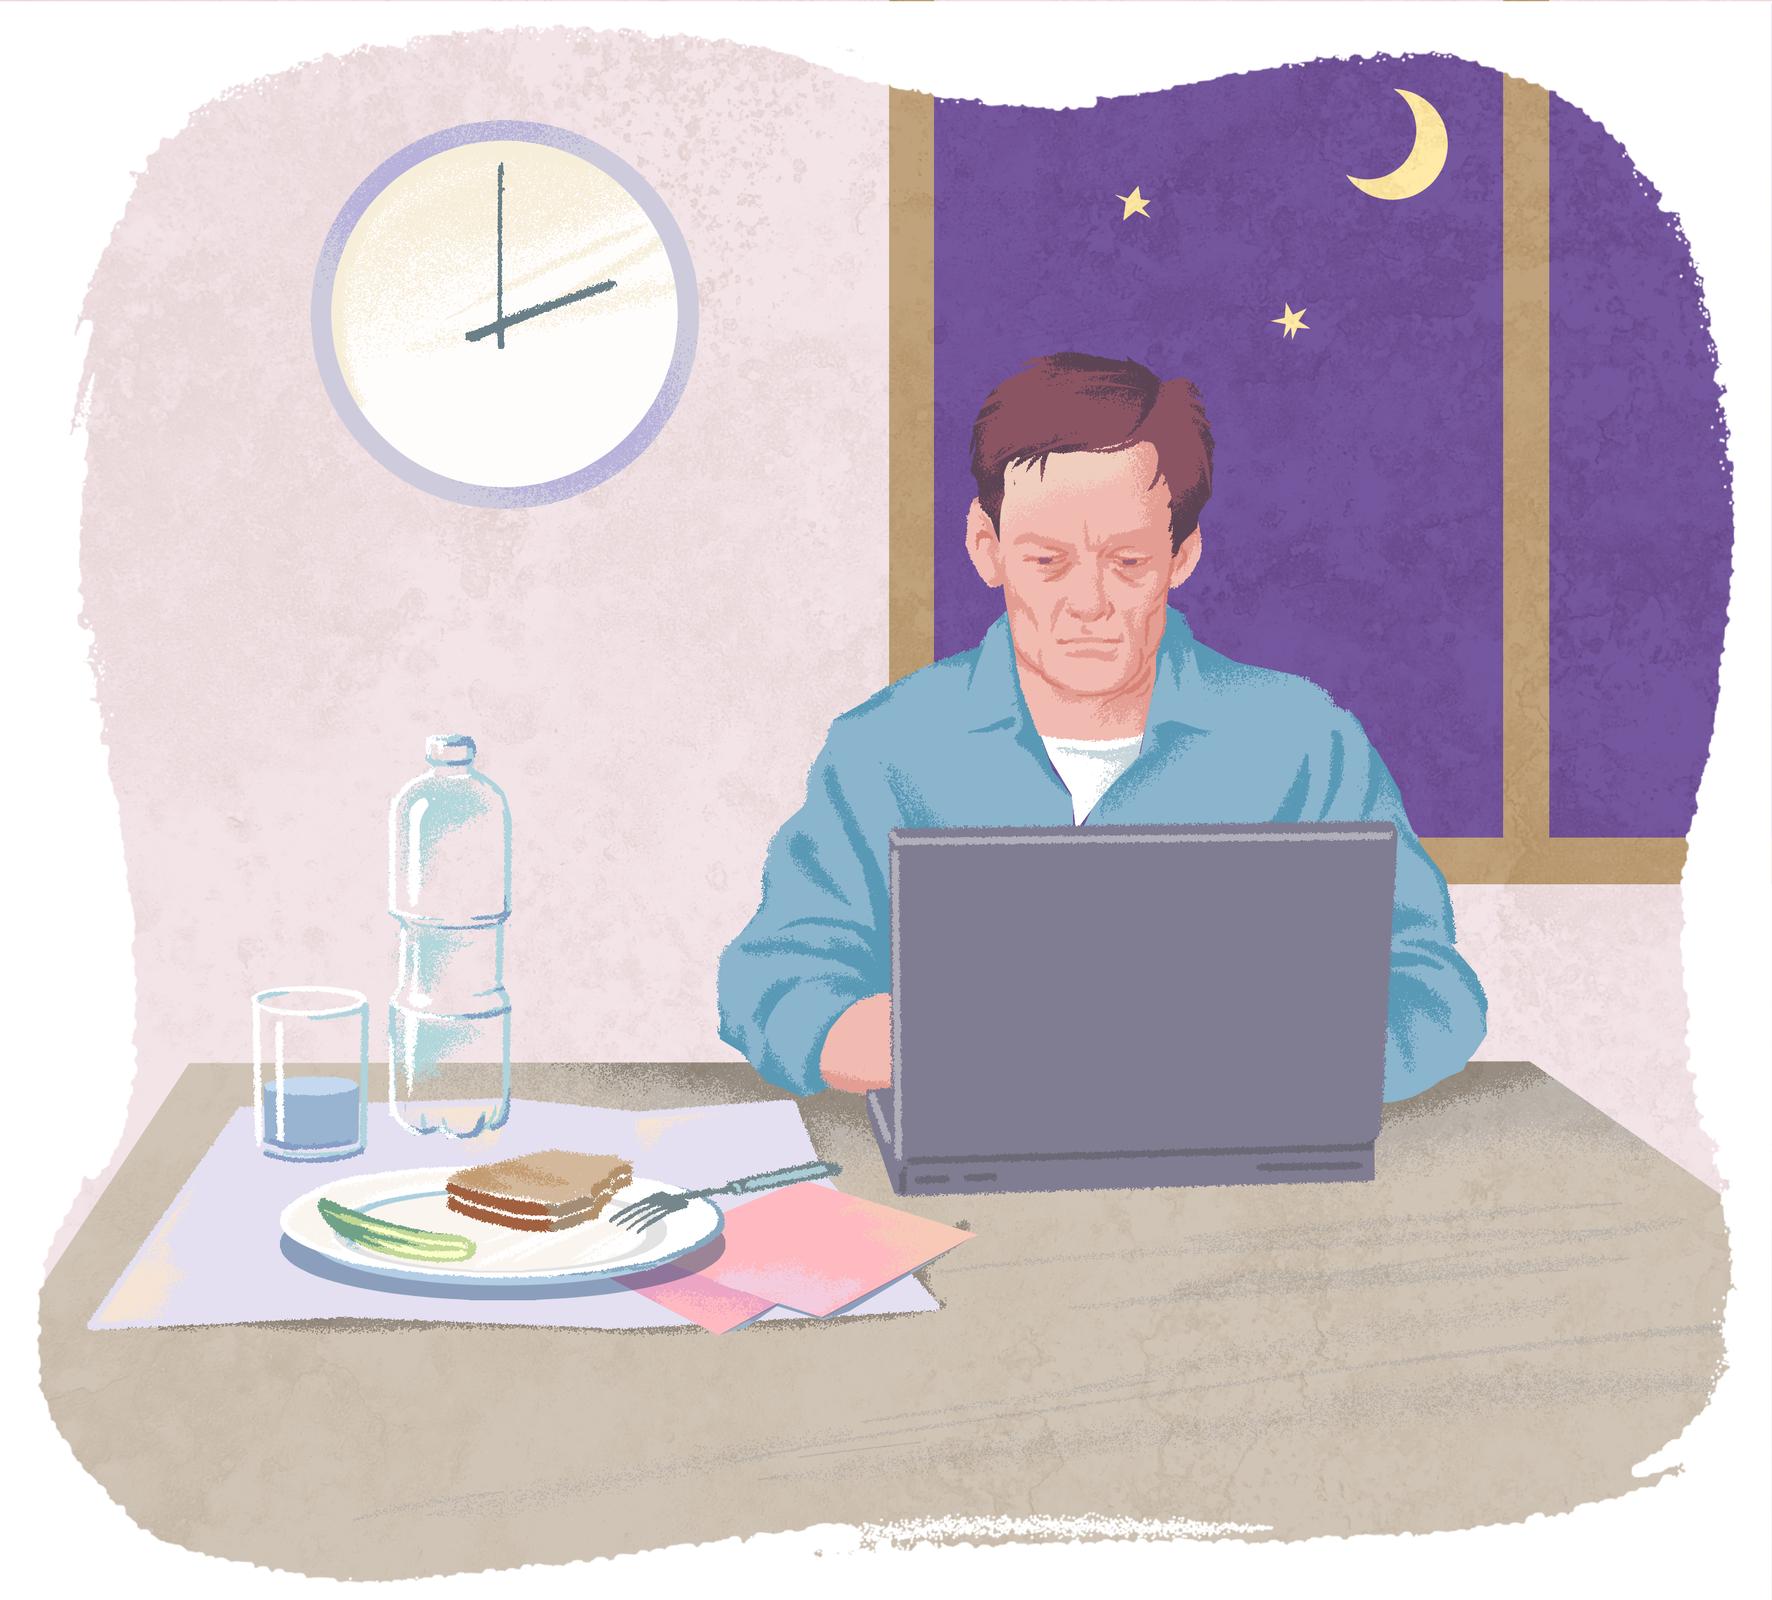 Za biurkiem siedzi mężczyzna. Twarz ma zmęczoną. Stoi przed nim laptop. Na biurku butelka wody, talerz znieruszoną kanapką. Na ścianie za nim zegar wskazuje godzinę drugą. Po prawej stronie okno. Za nim ciemne niebo zksiężycem igwiazdami.